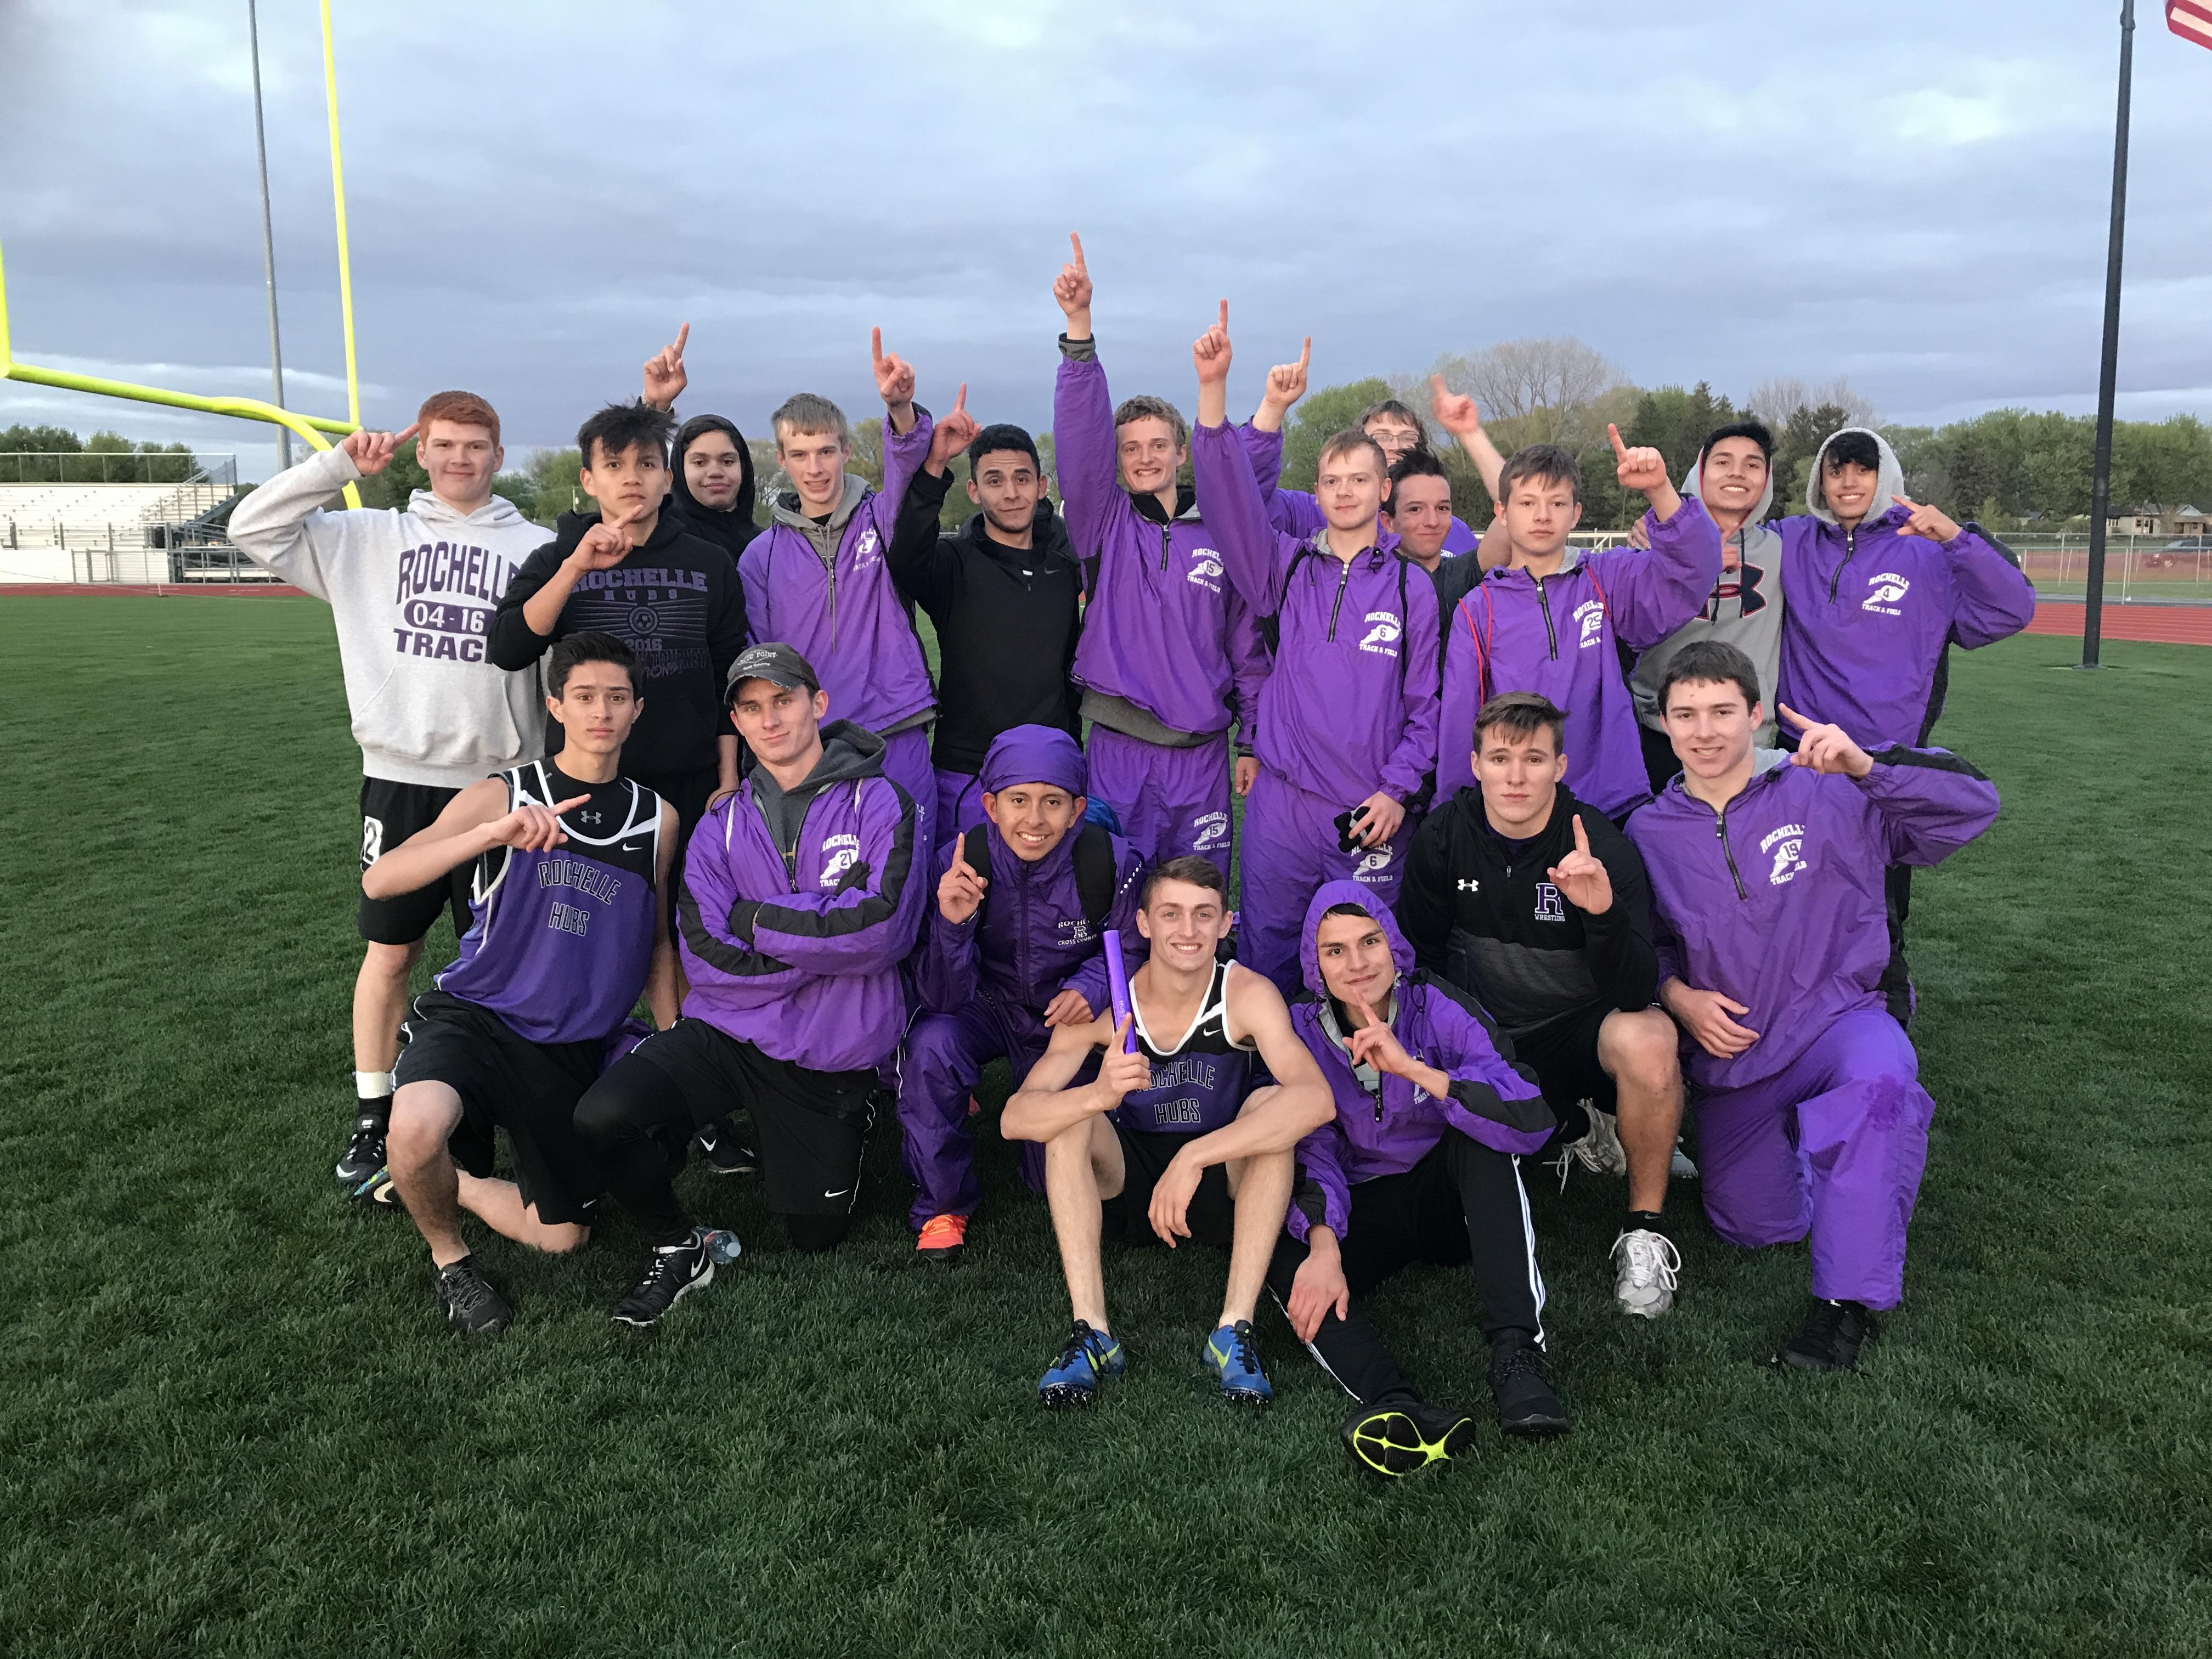 Rochelle track teams win Ogle County Meet | Rochelle Hubs Track & Field -  RTHS